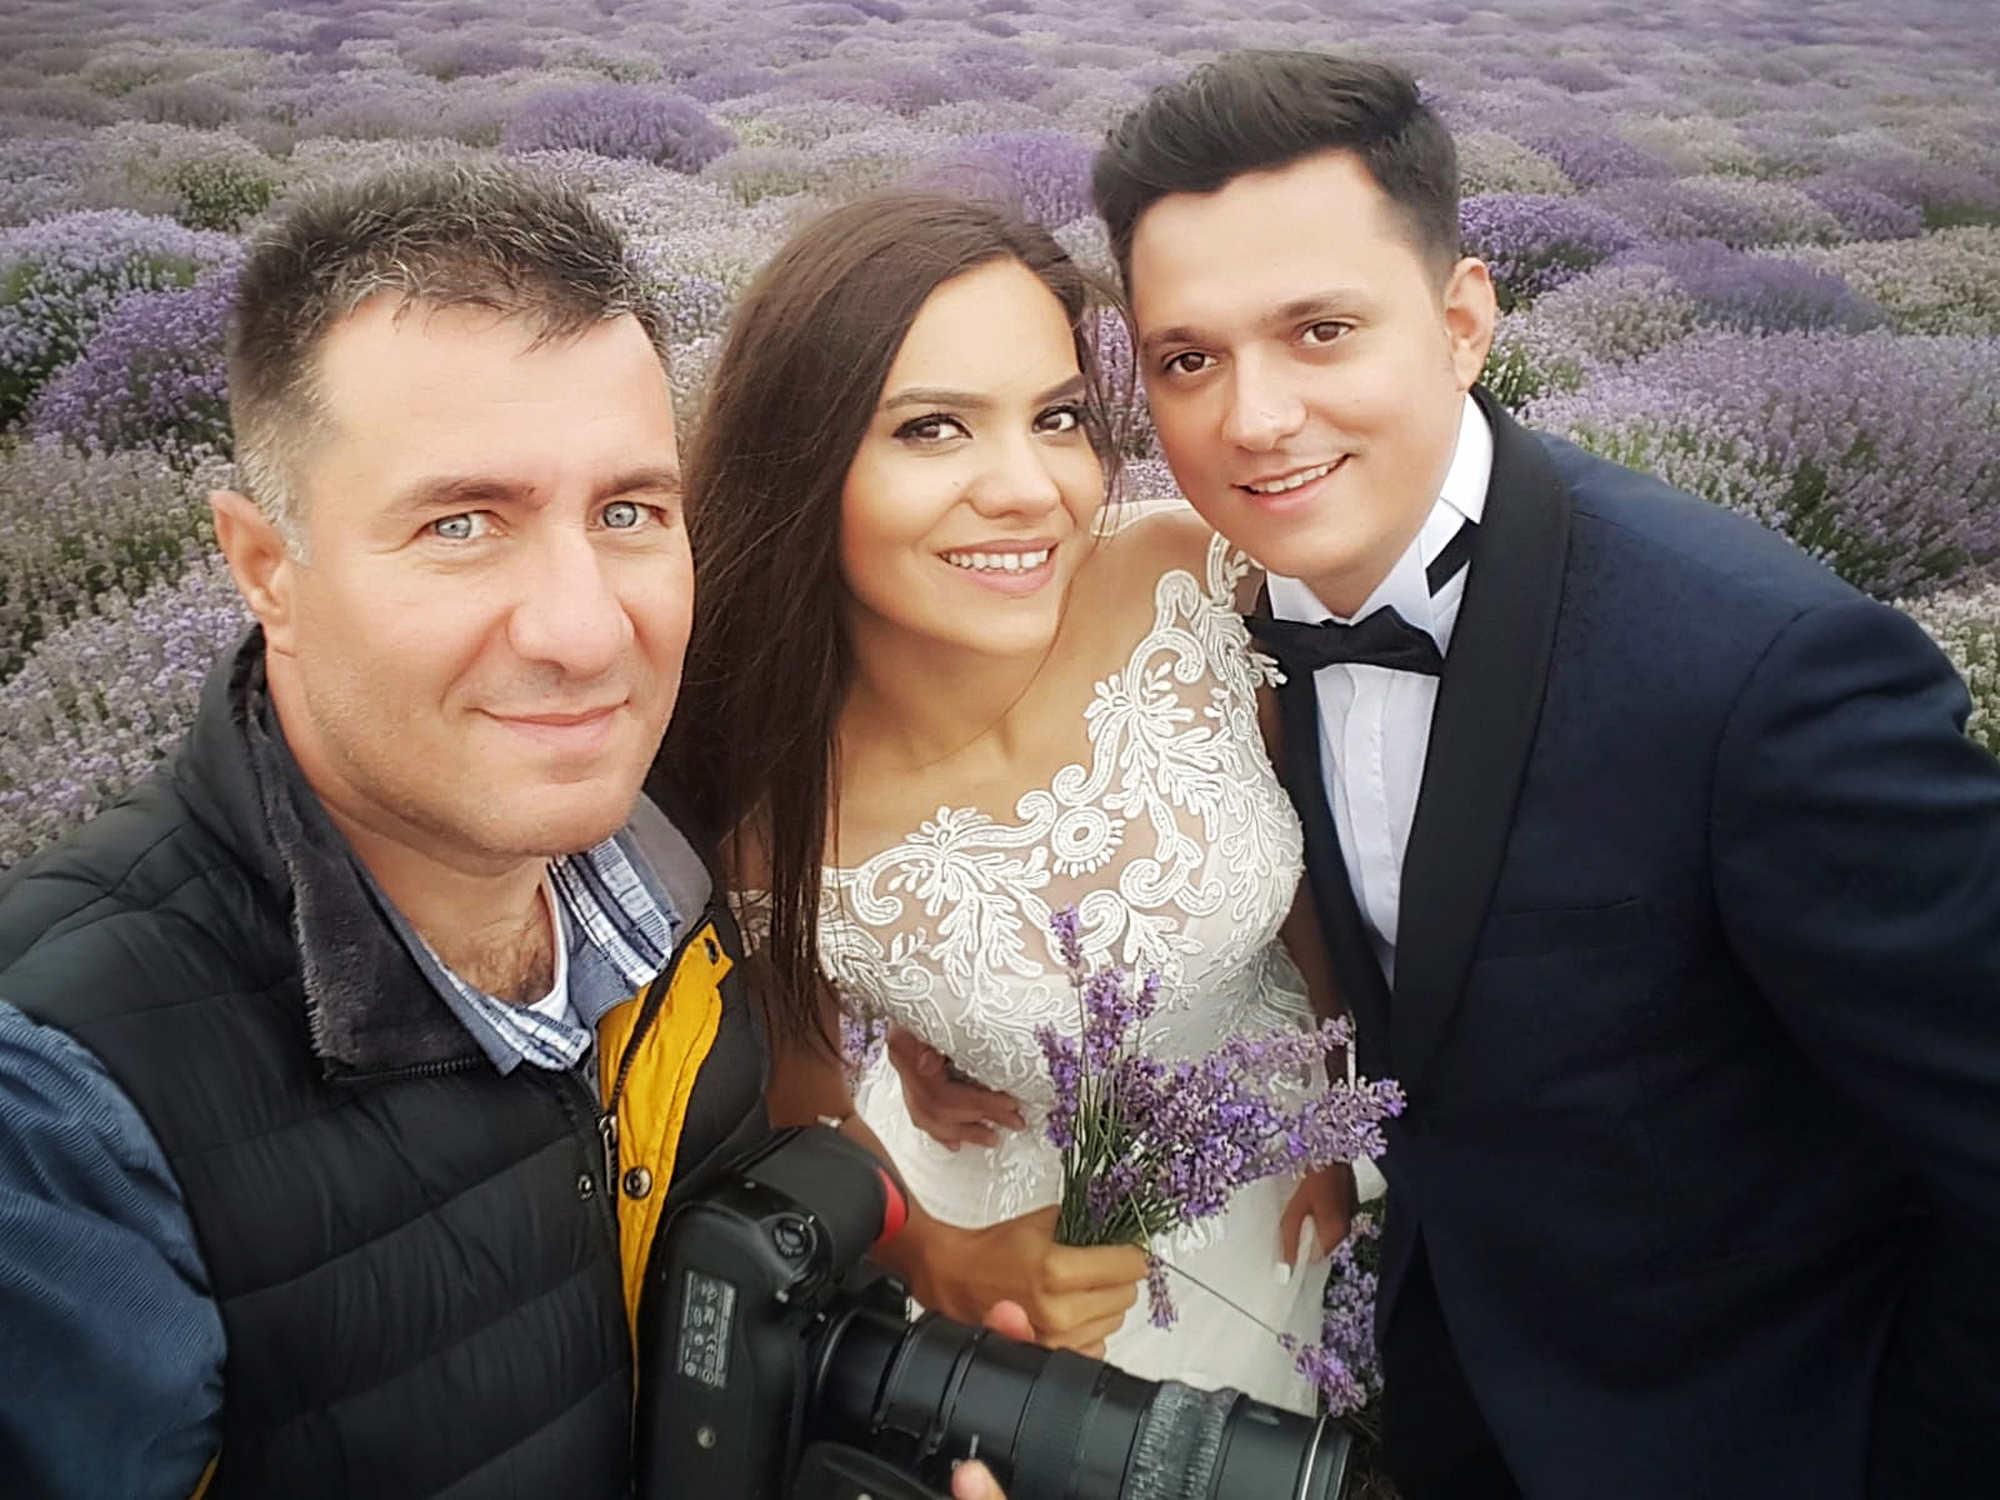 sesiune foto dupa nunta la mare bulgaria lavanda